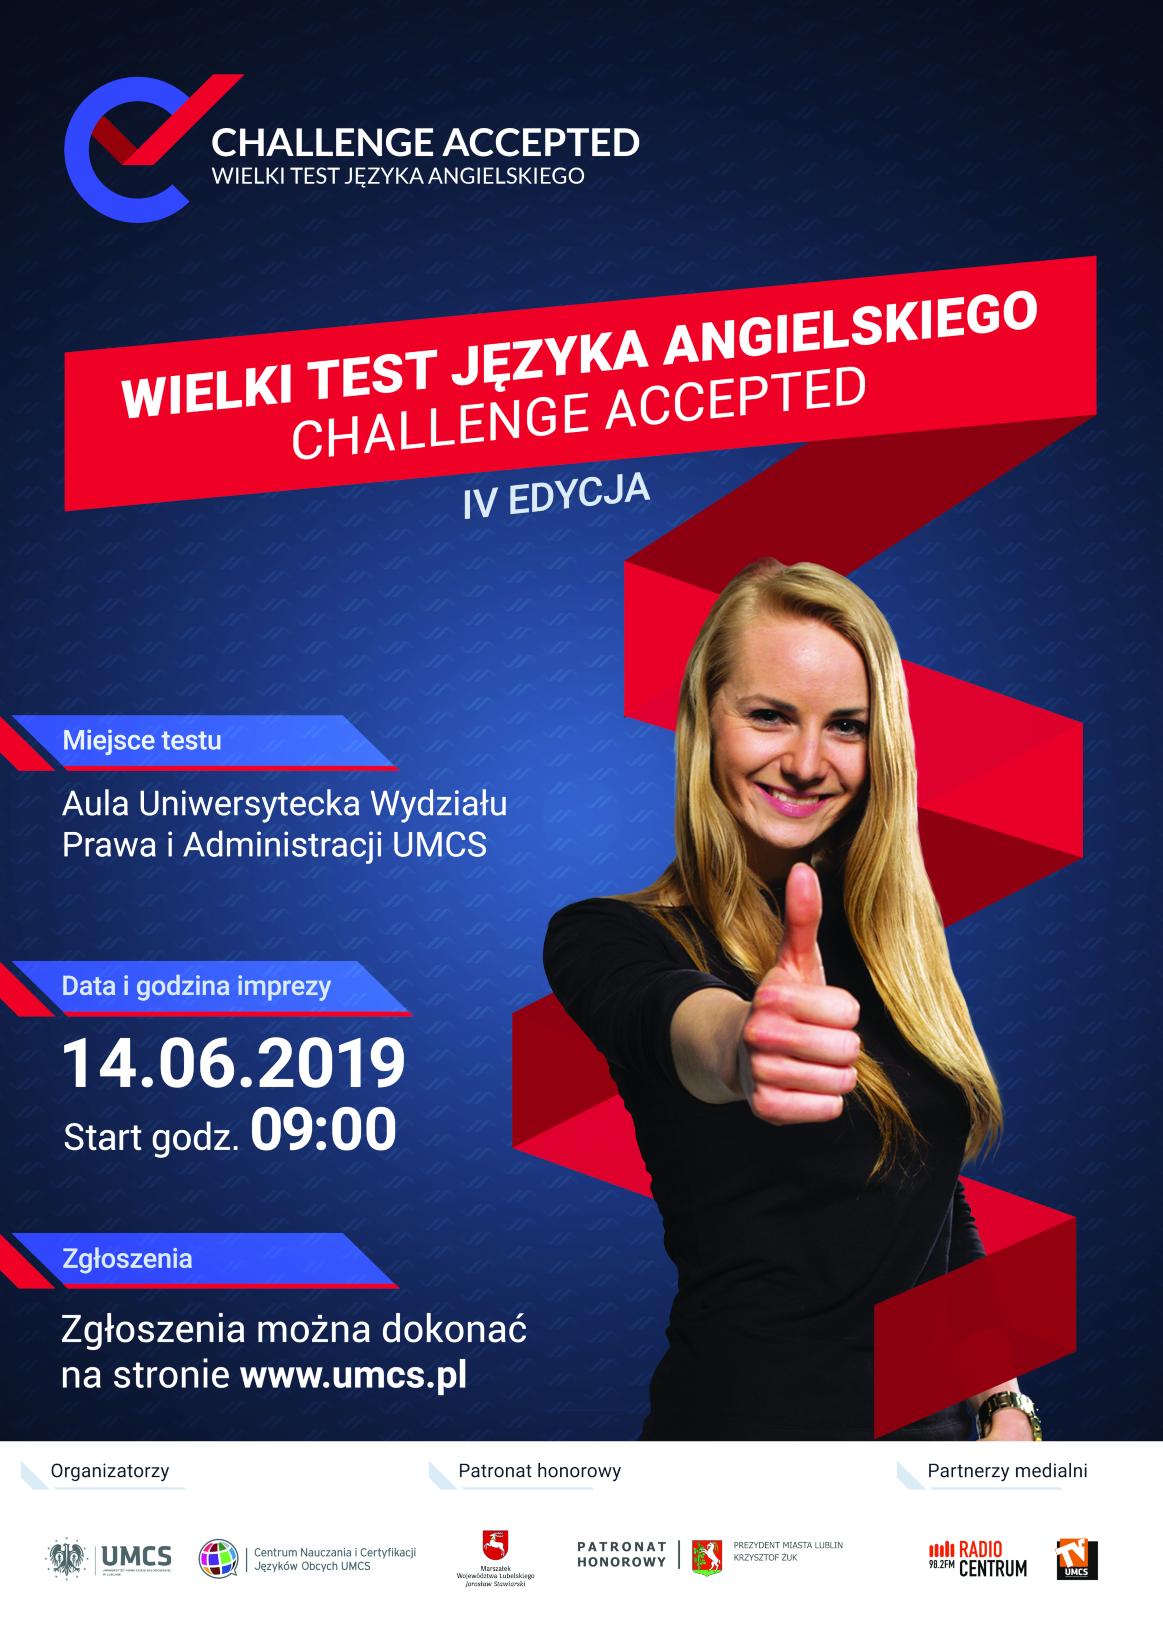 """Plakat Wielkiego Testu Języka Angielskiego """"Challenge Accepted""""-2.png"""